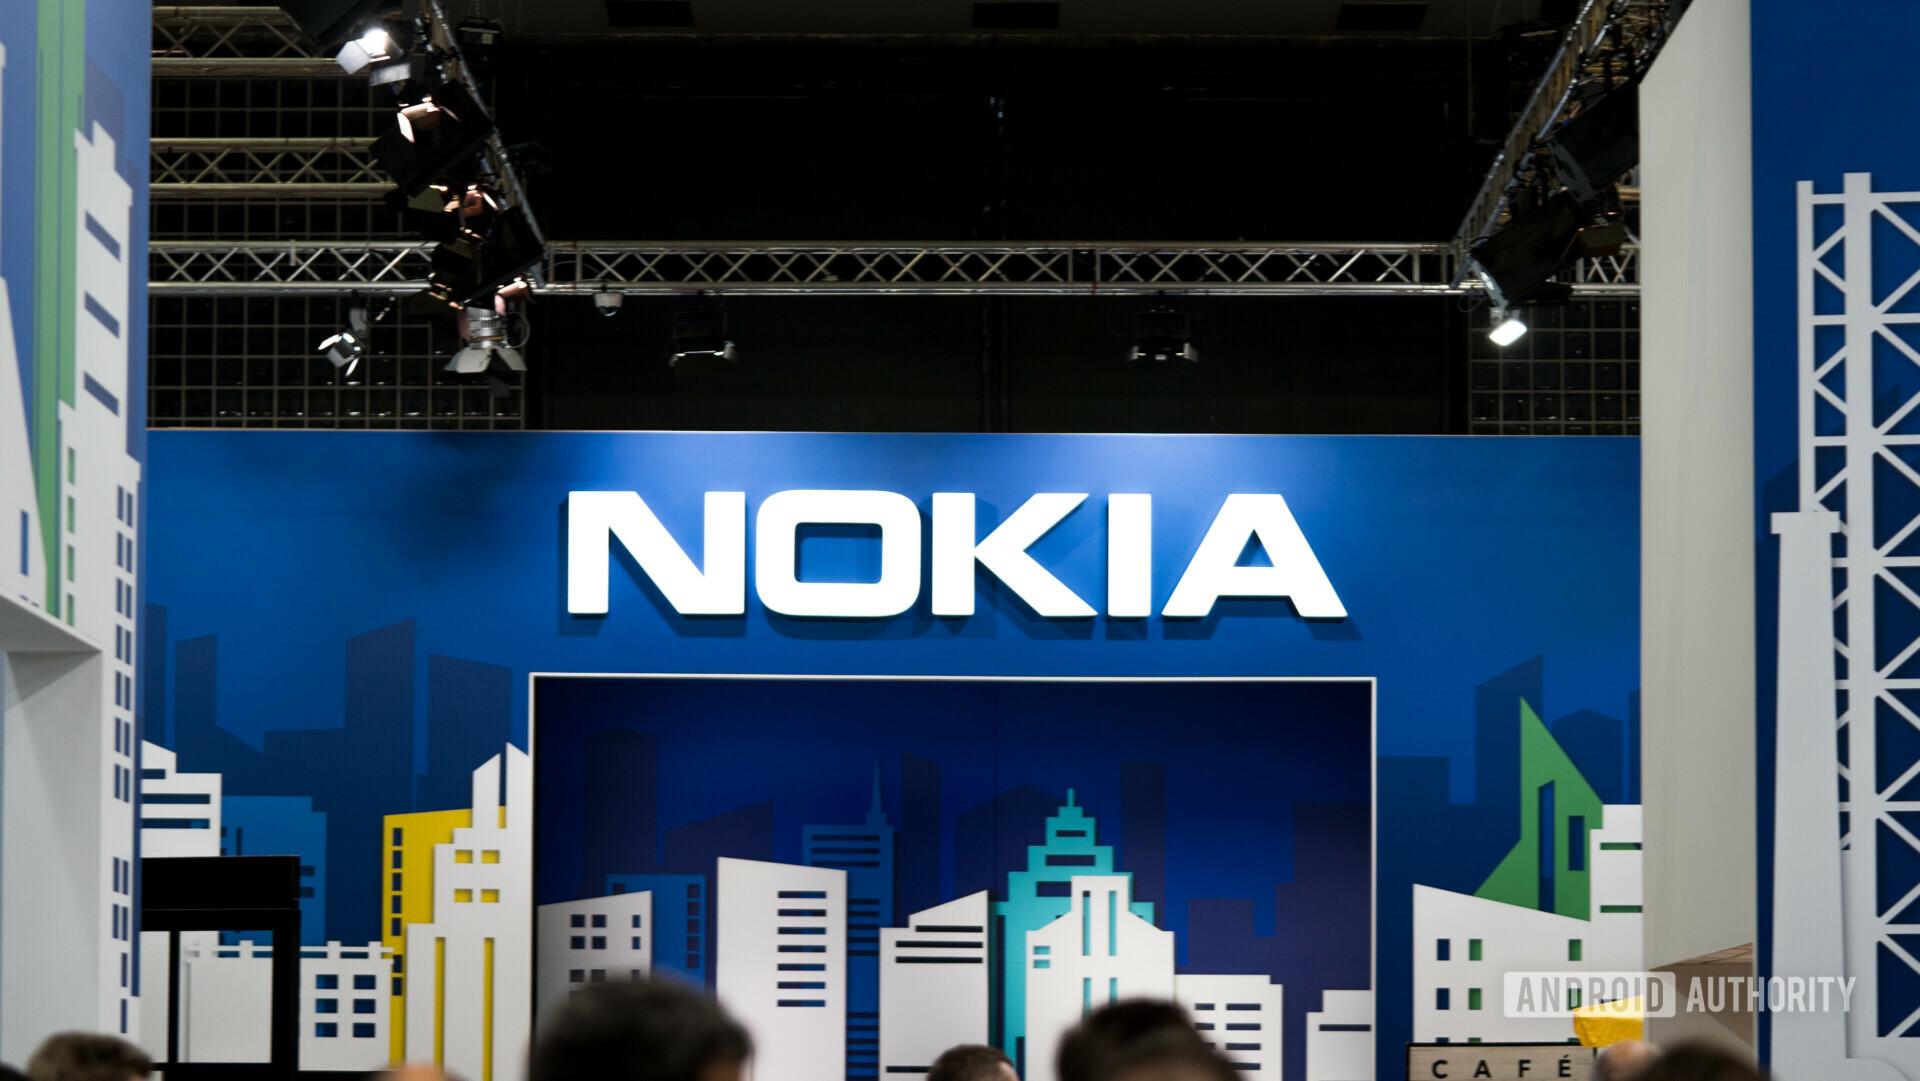 Премьера нового смартфона от Nokia состоится 5 декабря